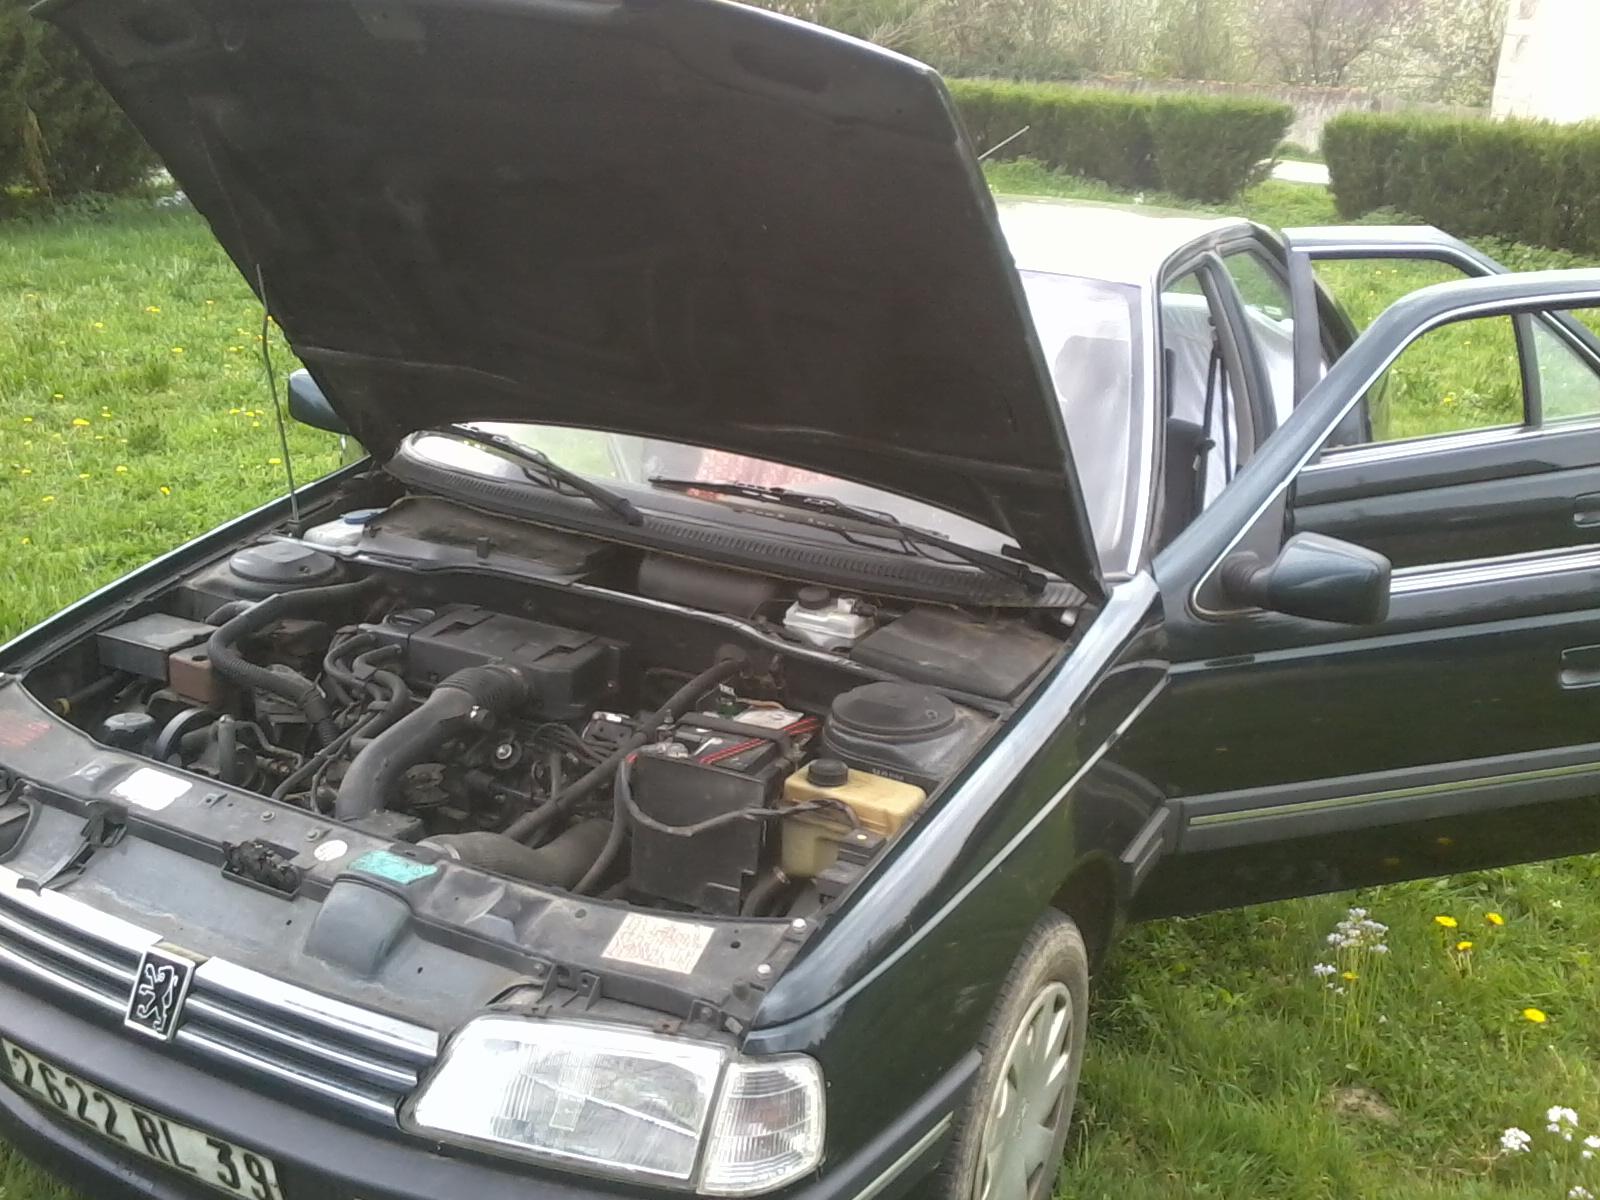 Présentation de ma nouvelle voiture, une Peugeot 405 Signature. 942919Photo0688